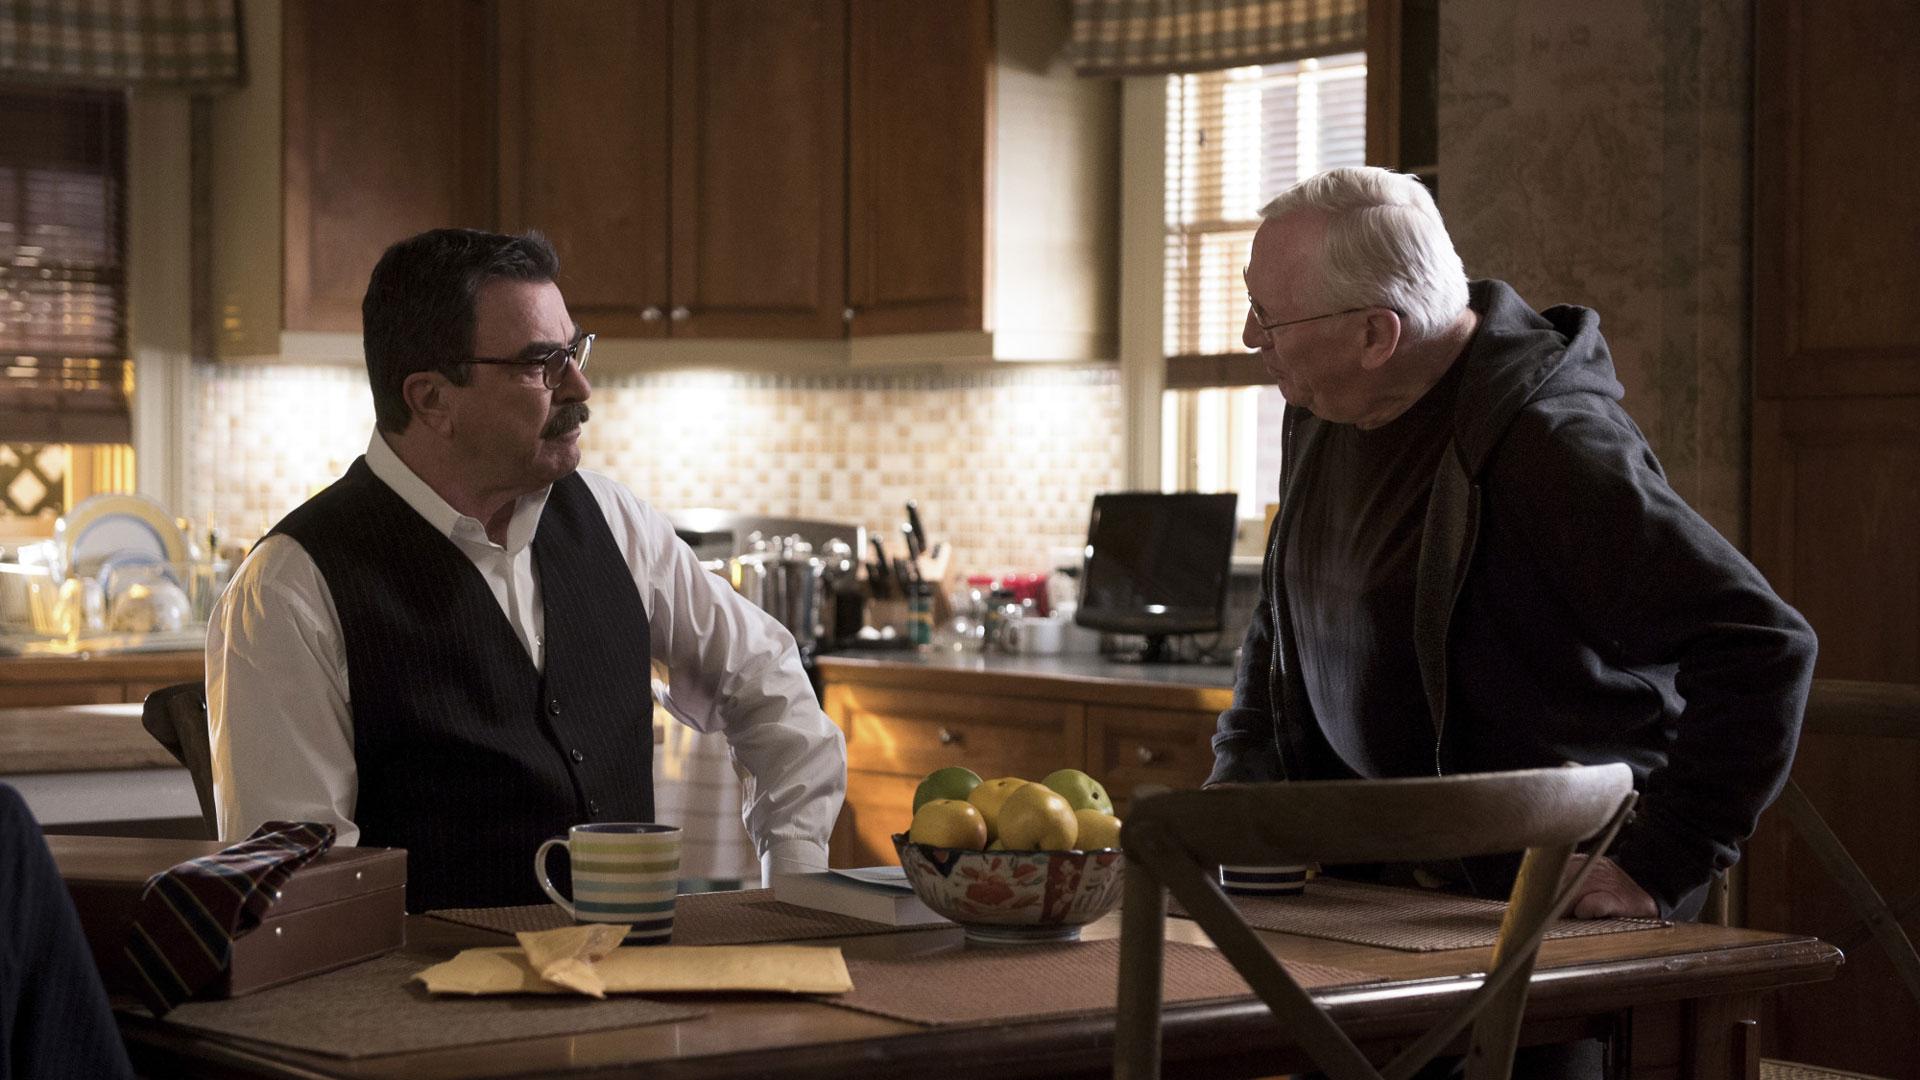 Tom Selleck as Frank Reagan and Len Cariou as Henry Reagan